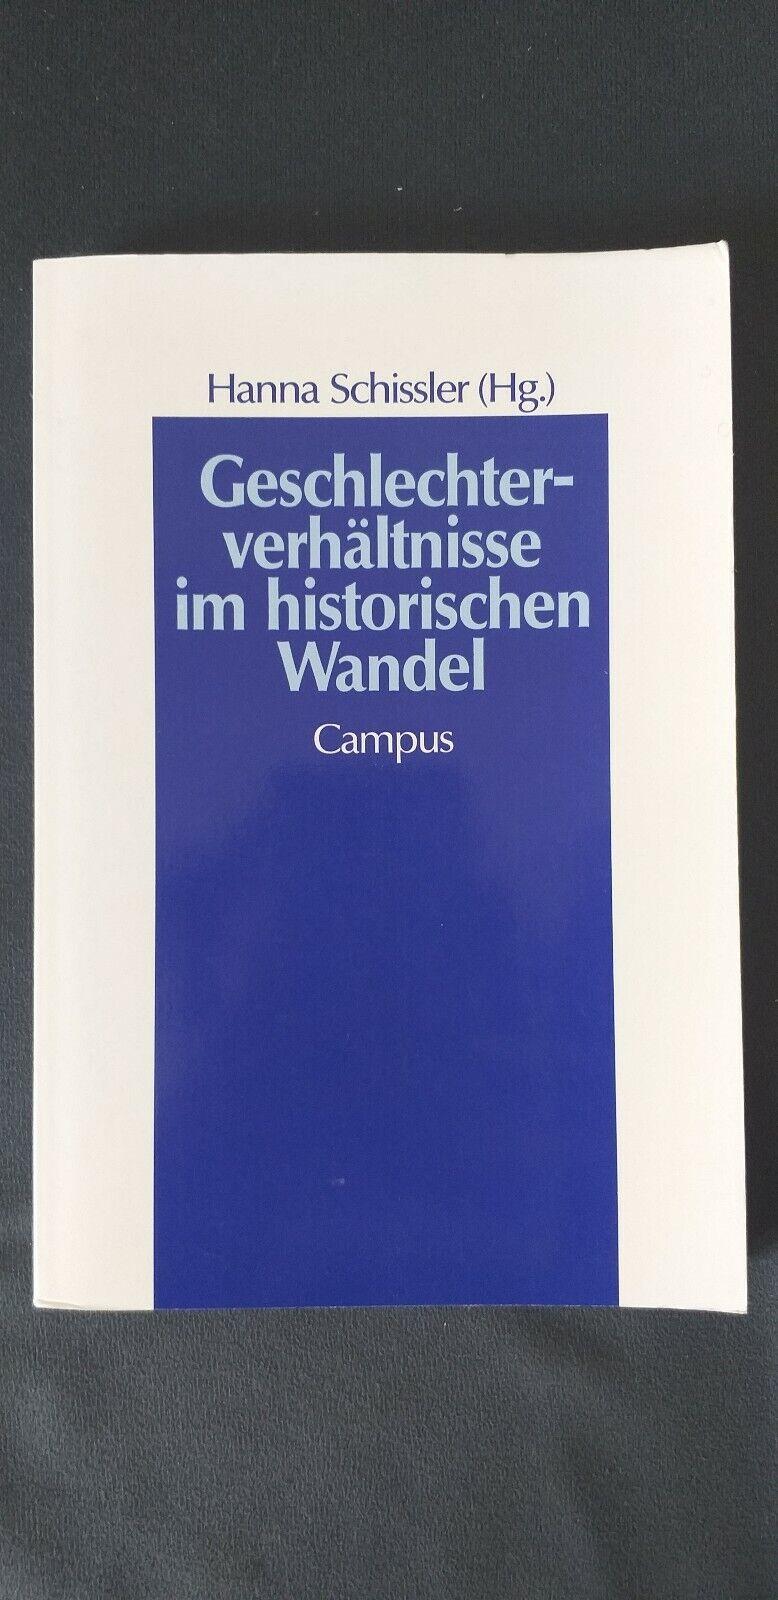 Hanna Schissler - Geschlechterverhältnisse im historischen Wandel